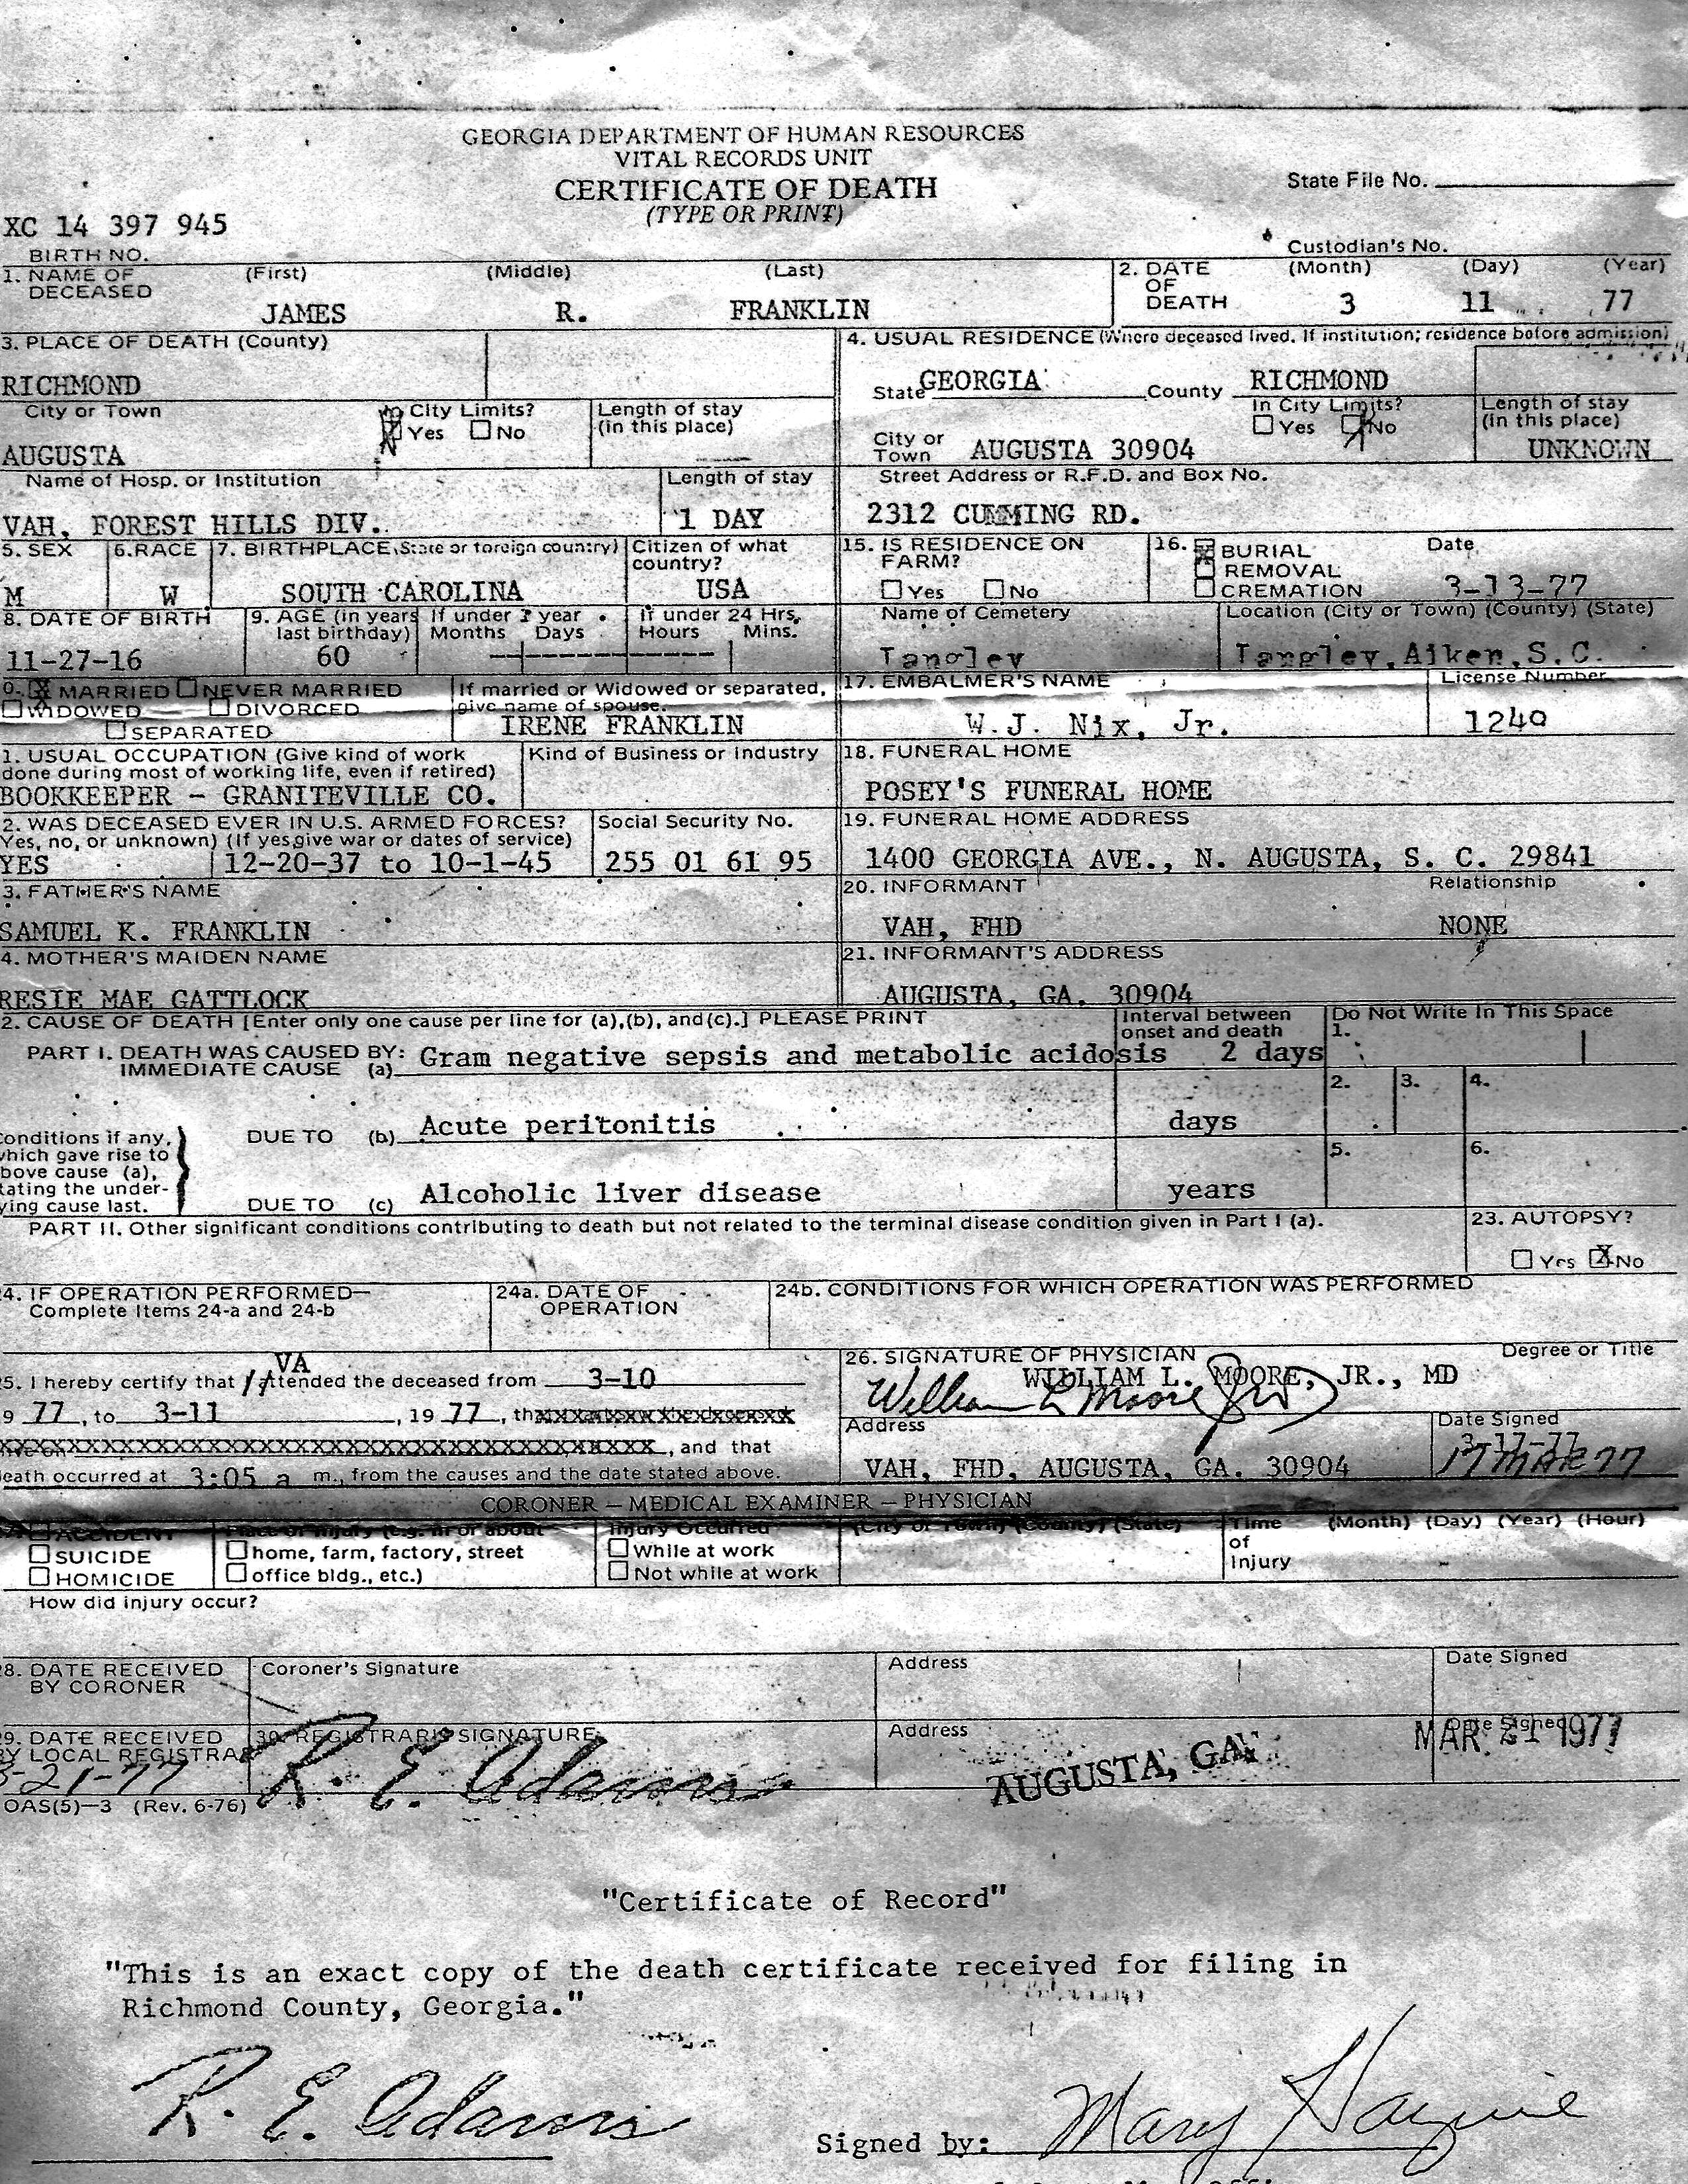 James Death Certificate